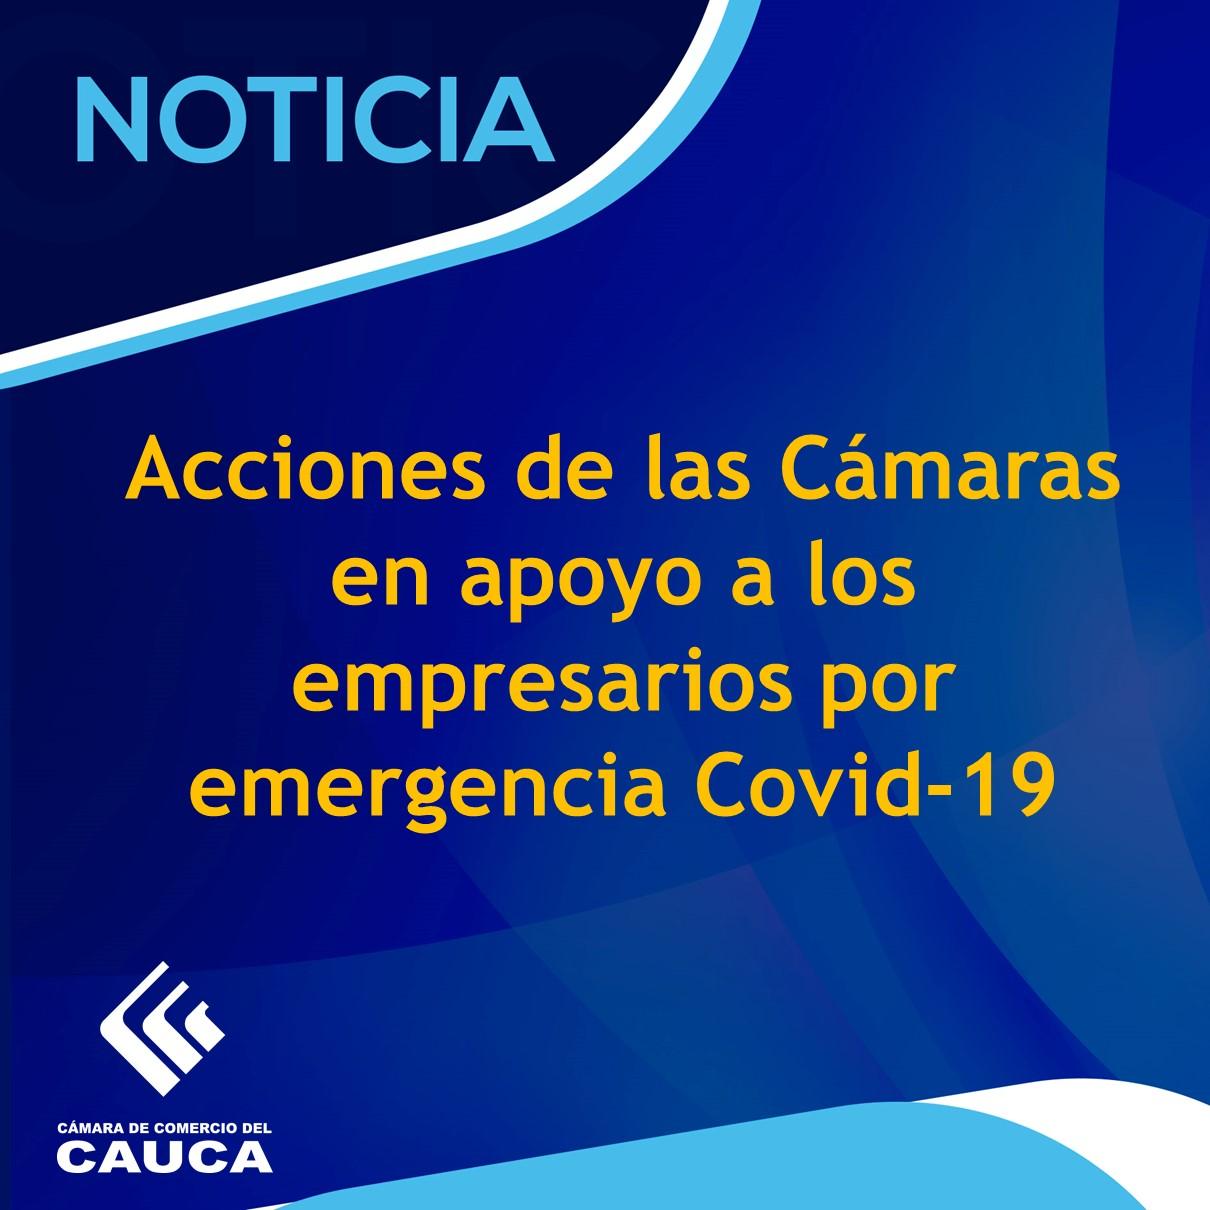 Acciones de las Cámaras en apoyo a los empresarios por emergencia Covid-19